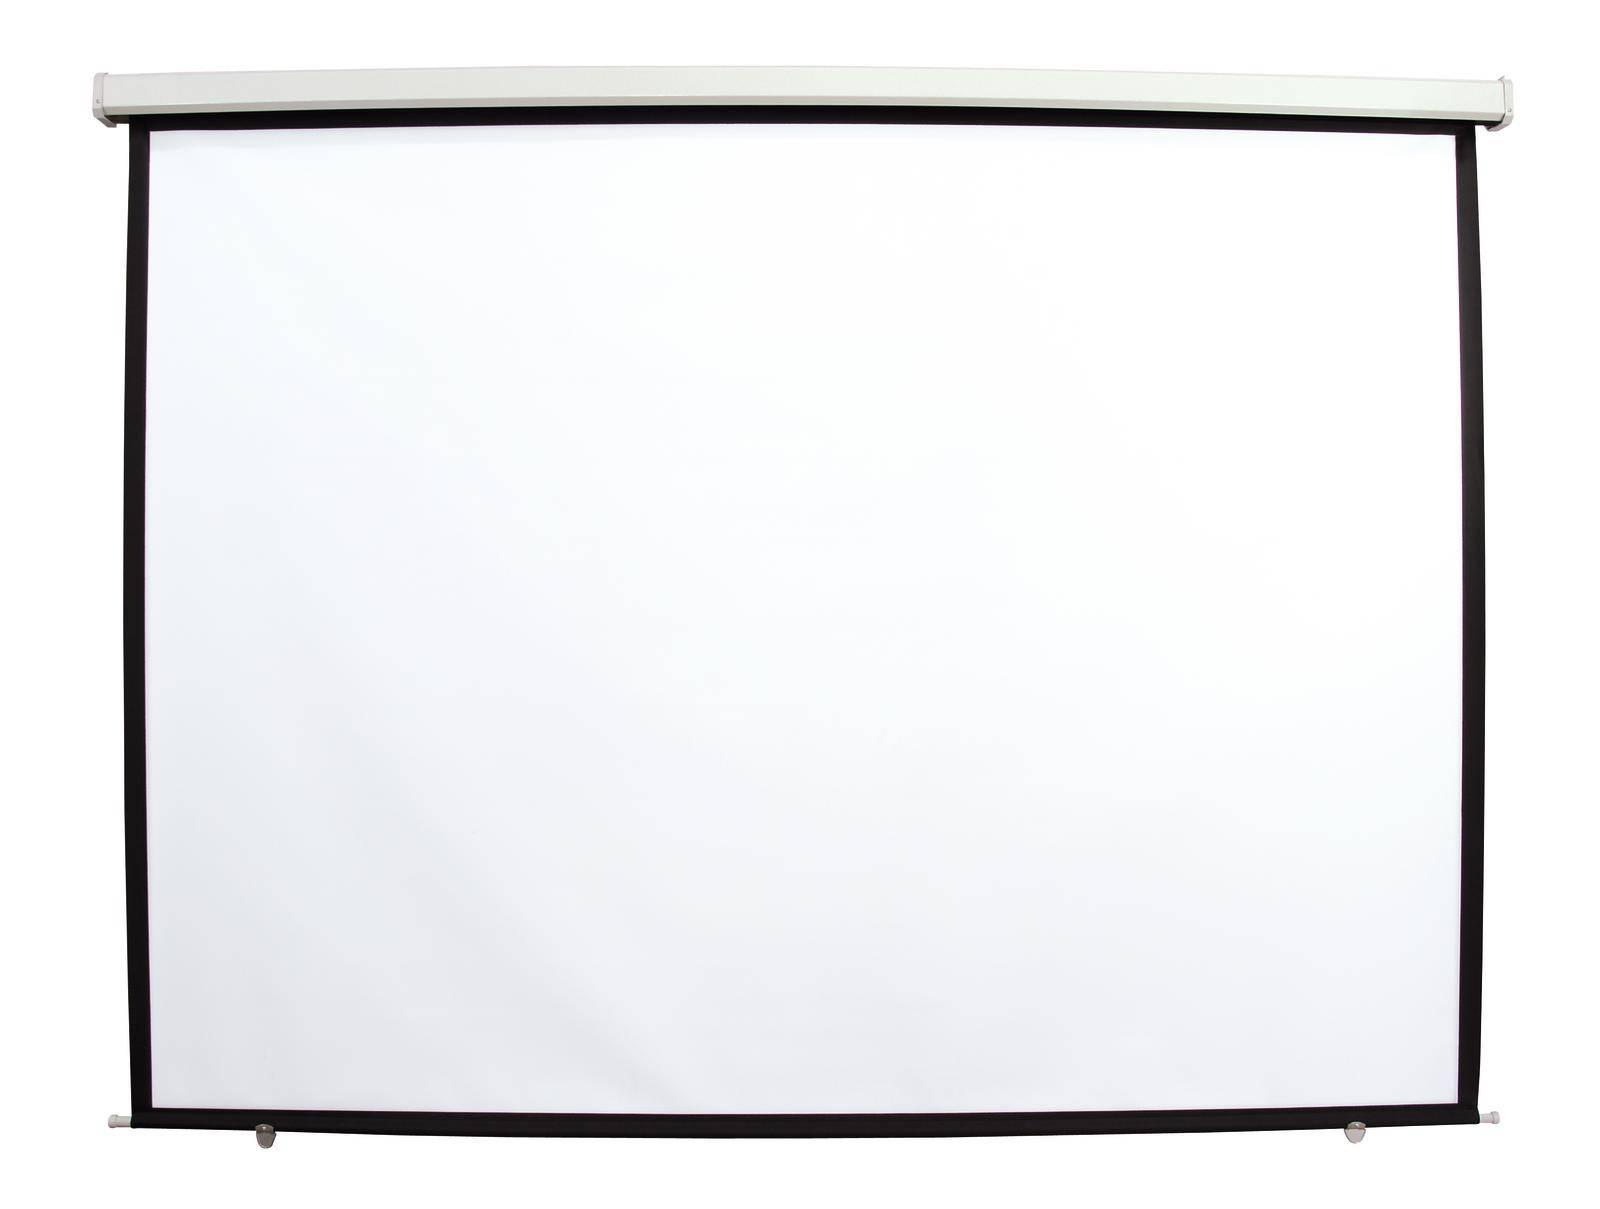 Projektor L Rred 4 3 240x180cm 120